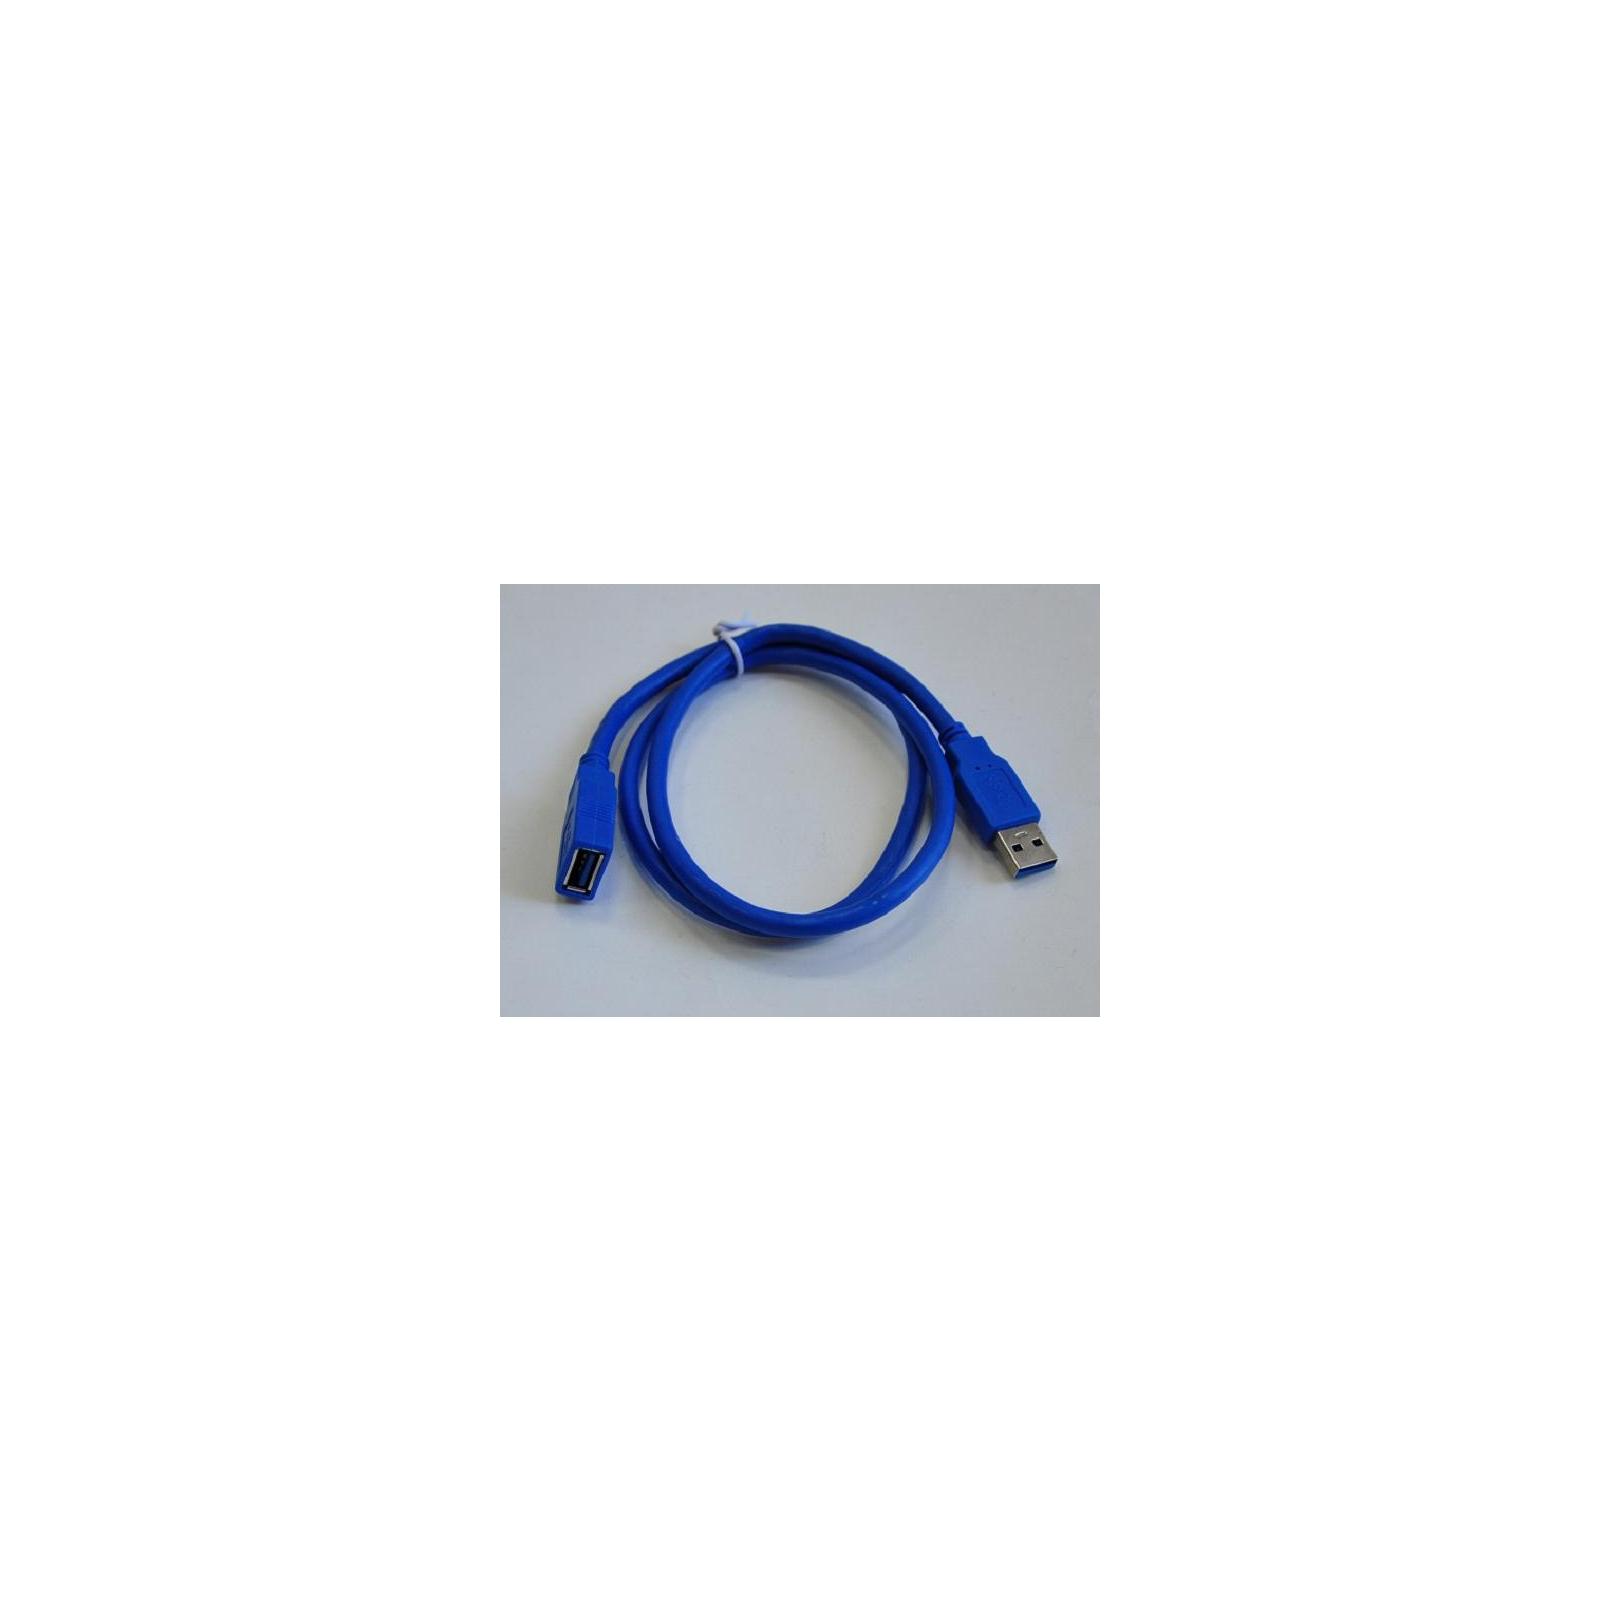 Дата кабель подовжувач USB 3.0 AM/AF Atcom (6148)